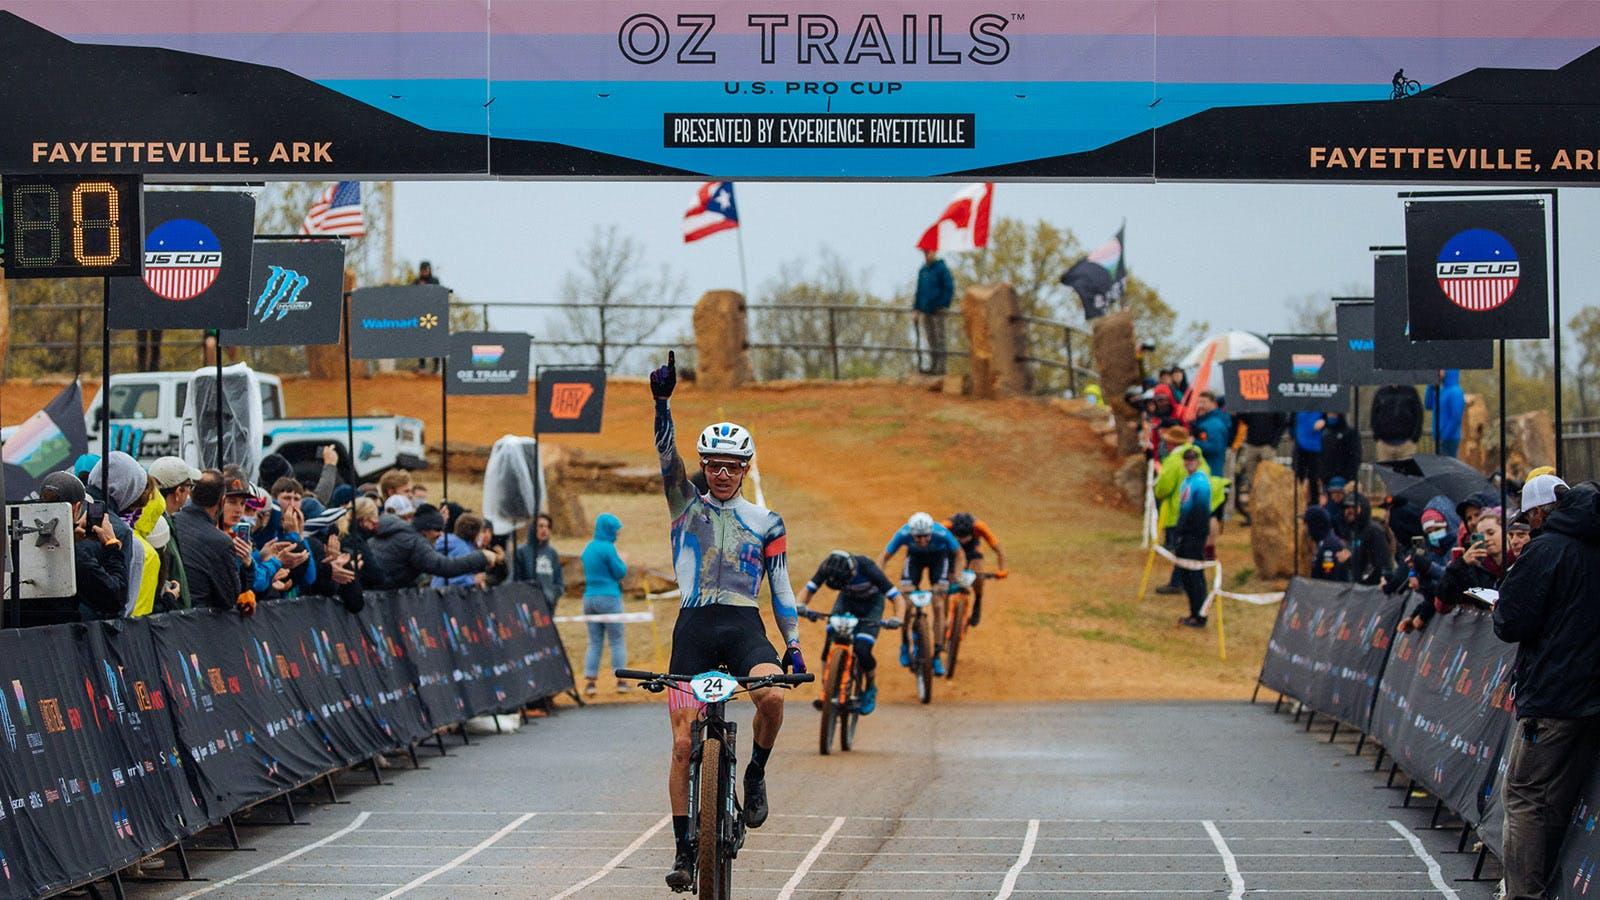 Keegan Swenson reaching the finish line in Fayetteville, Arkansas